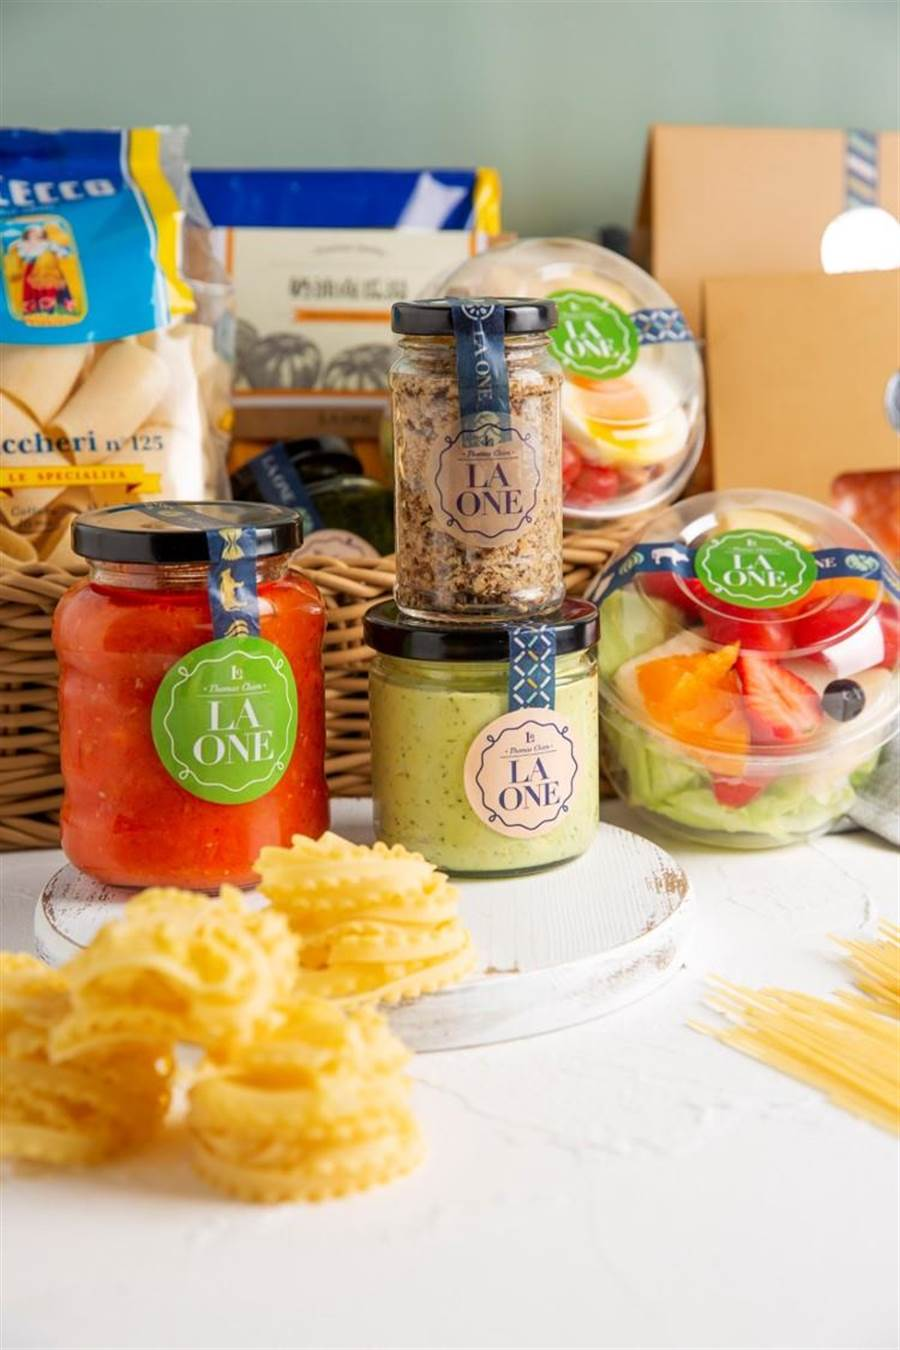 鮮果醬系列嚴選臺灣水果,以低溫方式多次處理,保留水果香氣及營養價值。(LA ONE提供)